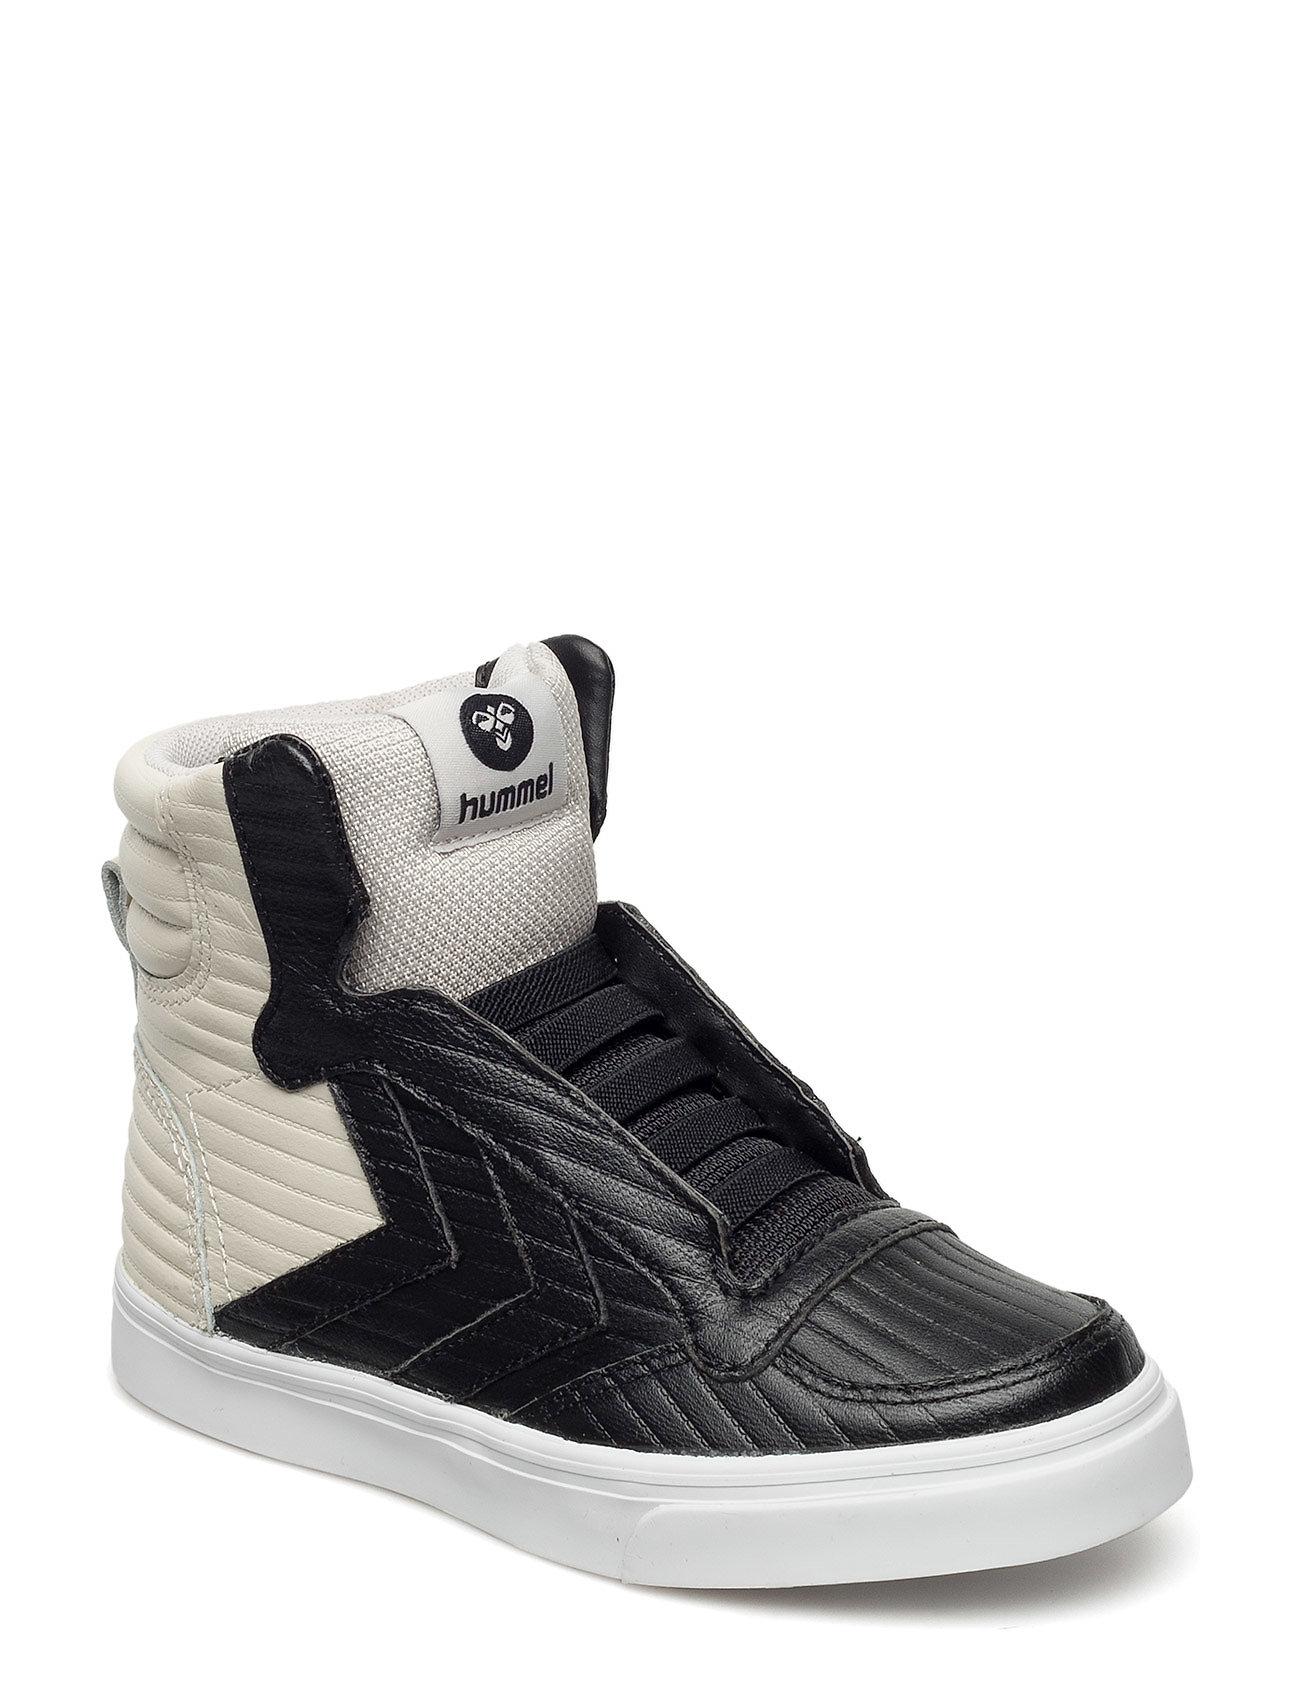 9561b0c1dd1 Stadil 50fifty Leather Jr Hummel Sko & Sneakers til Børn i Sort ...